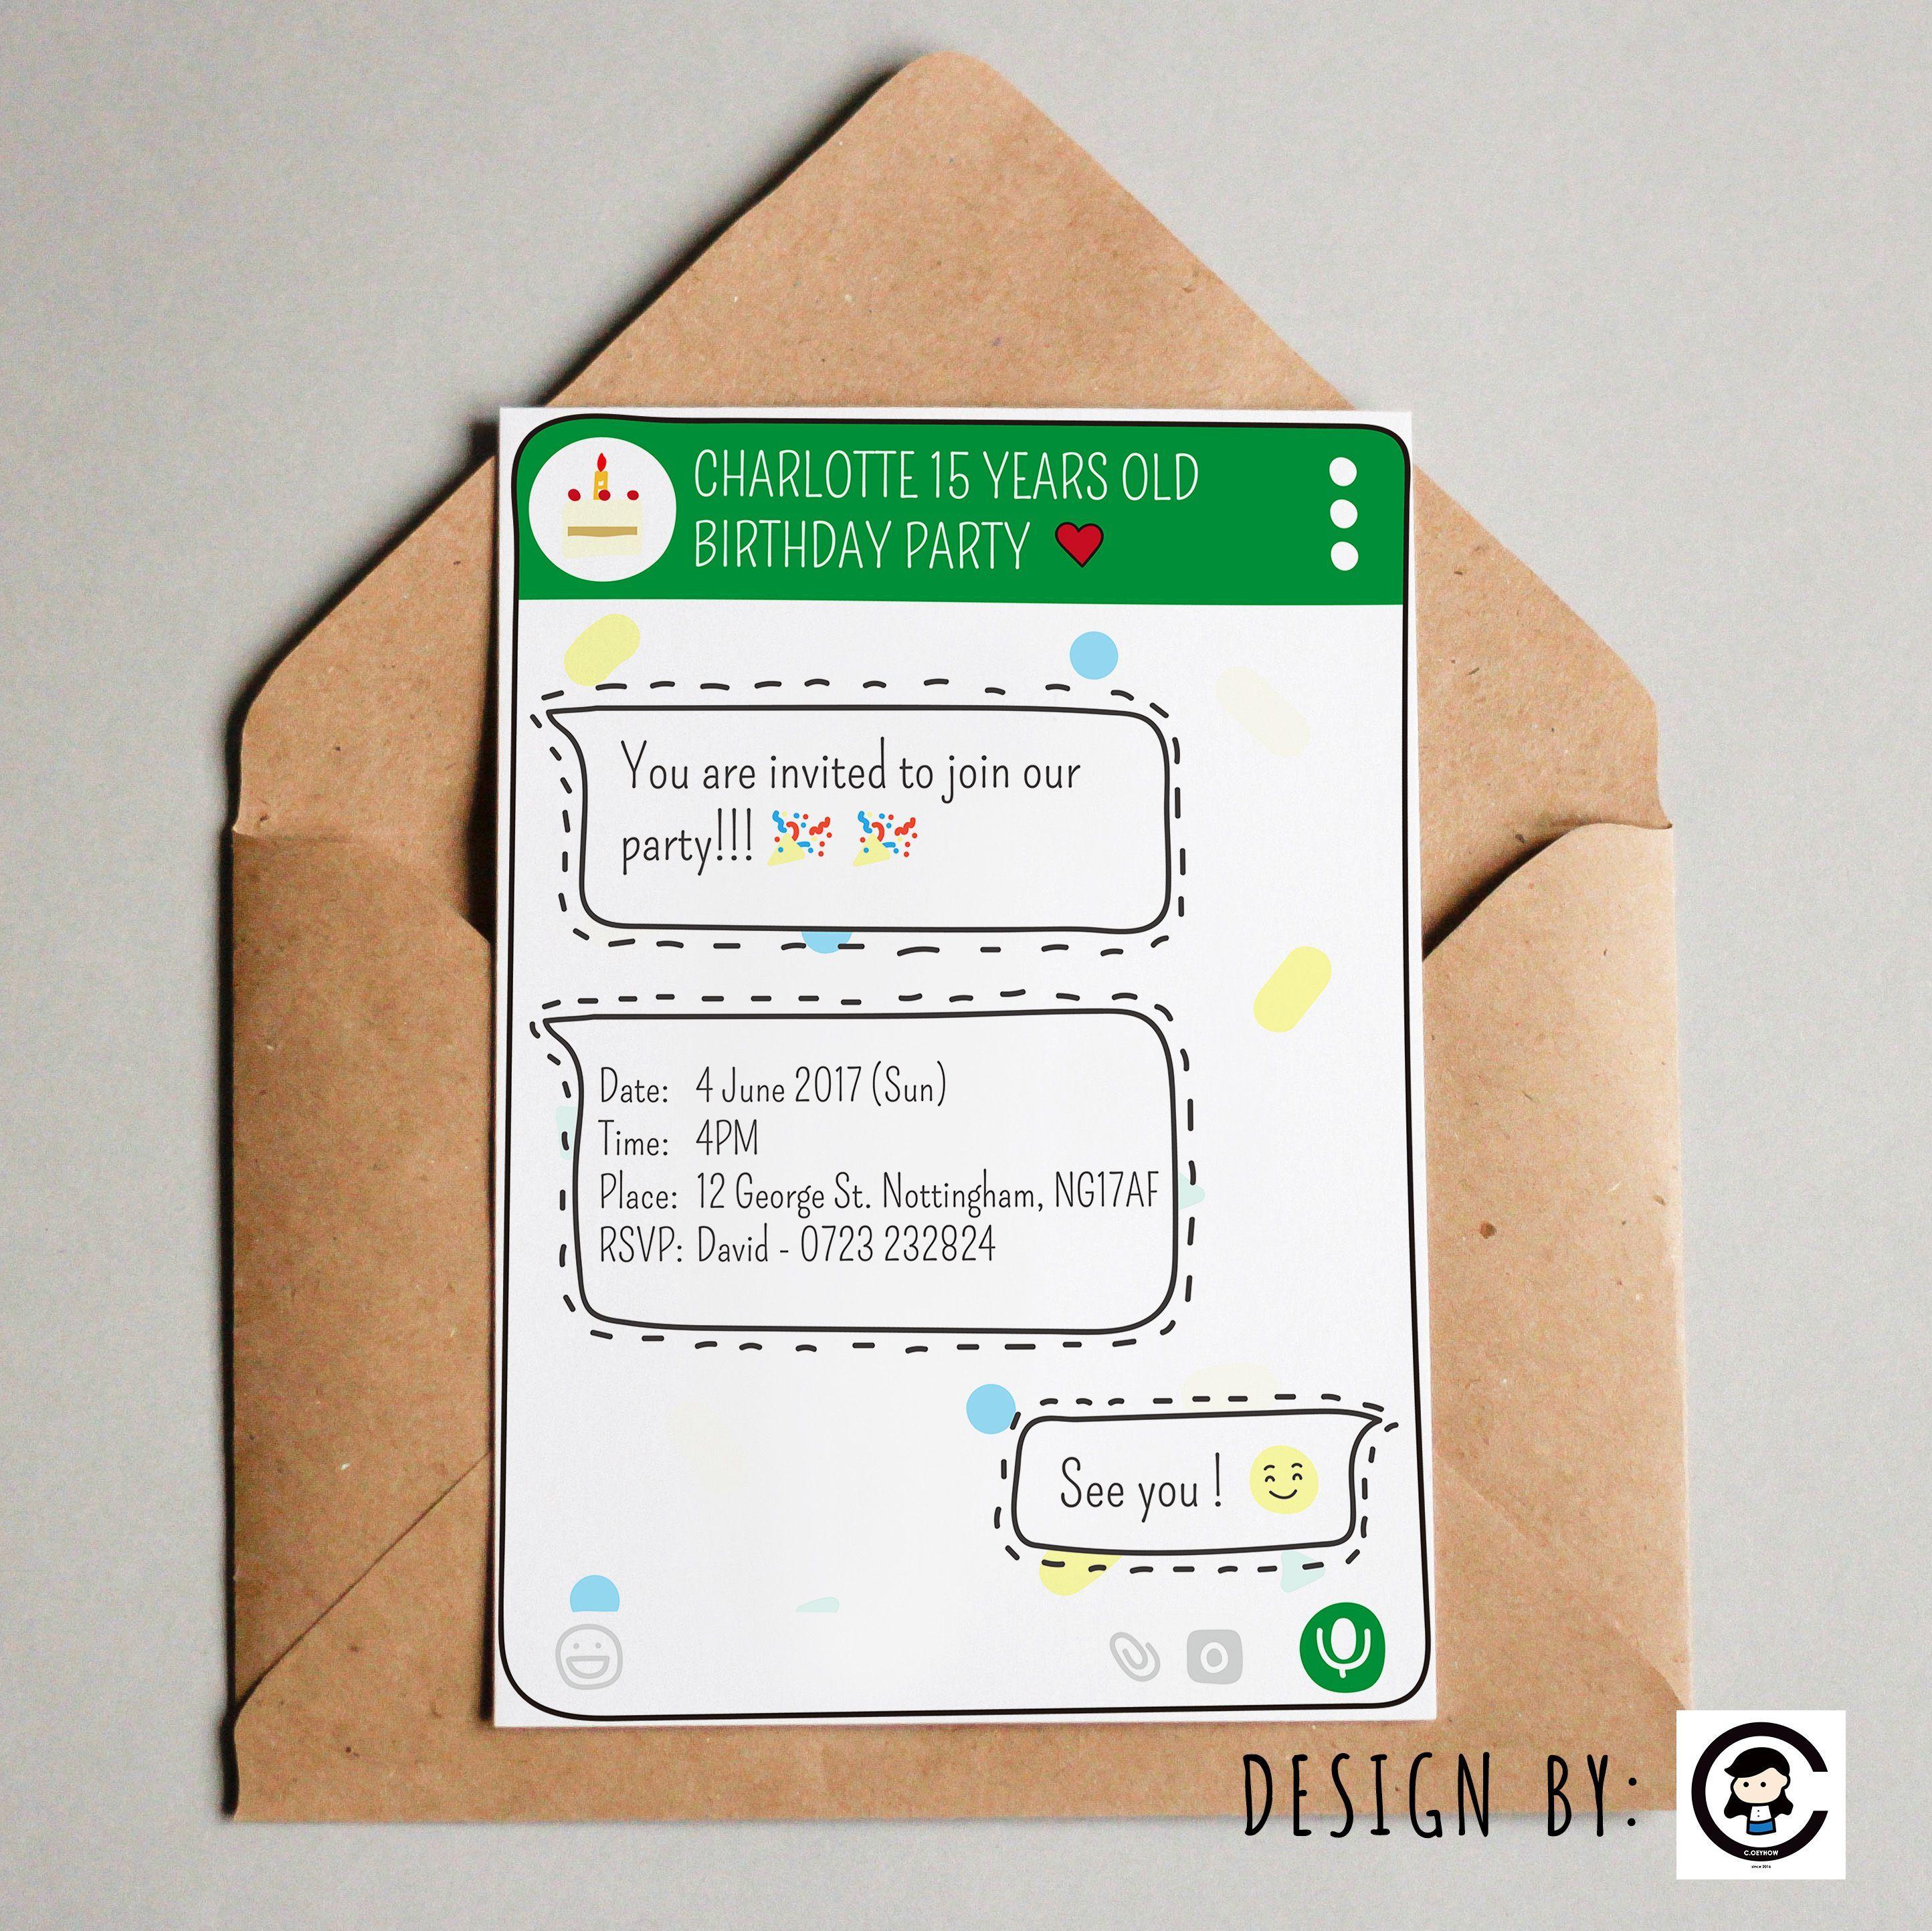 Einladung Geburtstag Text Kurz Geburtstag Einladung Pinterest